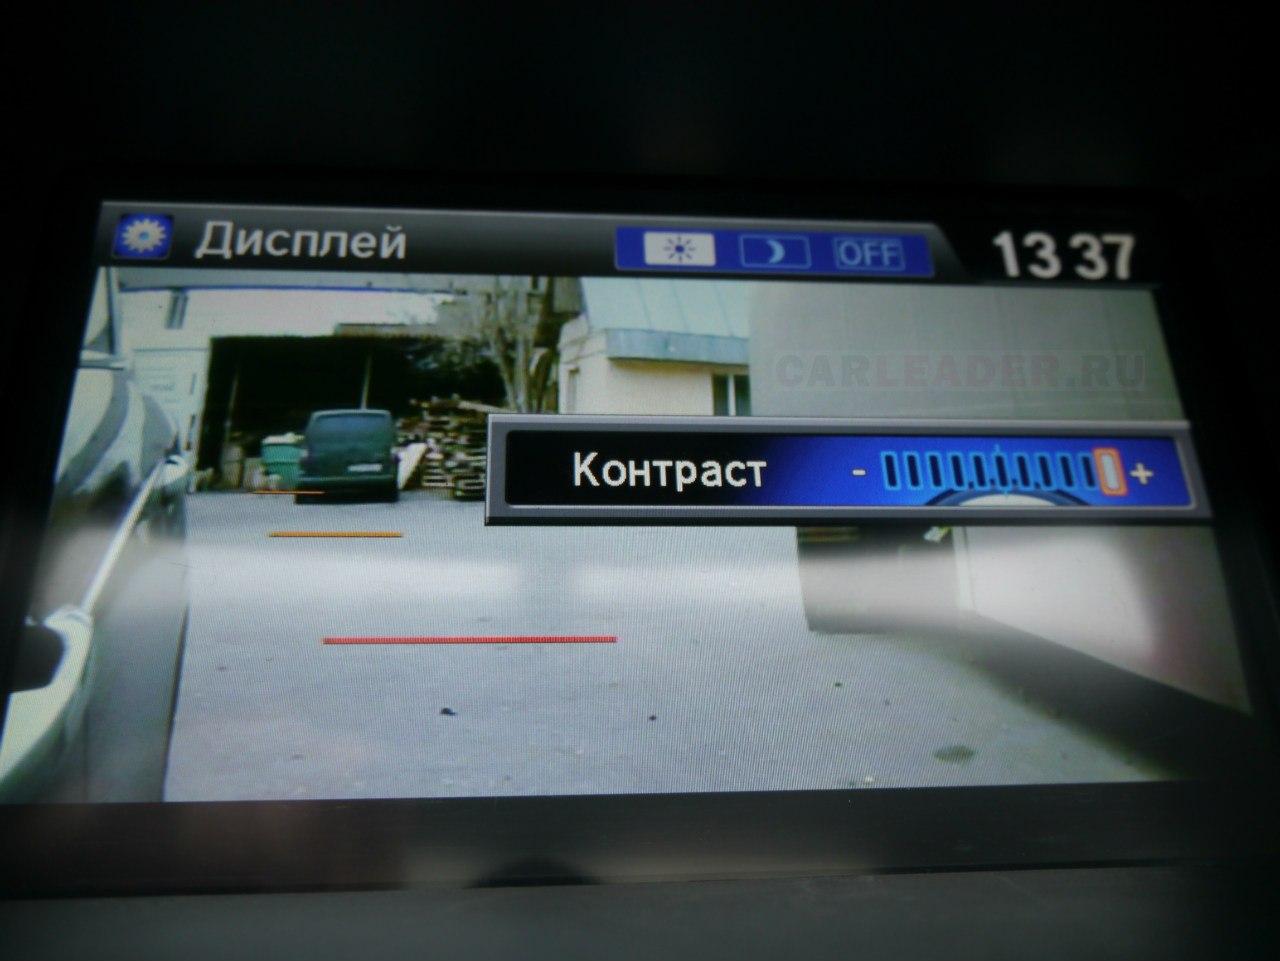 Все две видеокамеры можно подвергнуть настройке контраста, цвета и яркости.